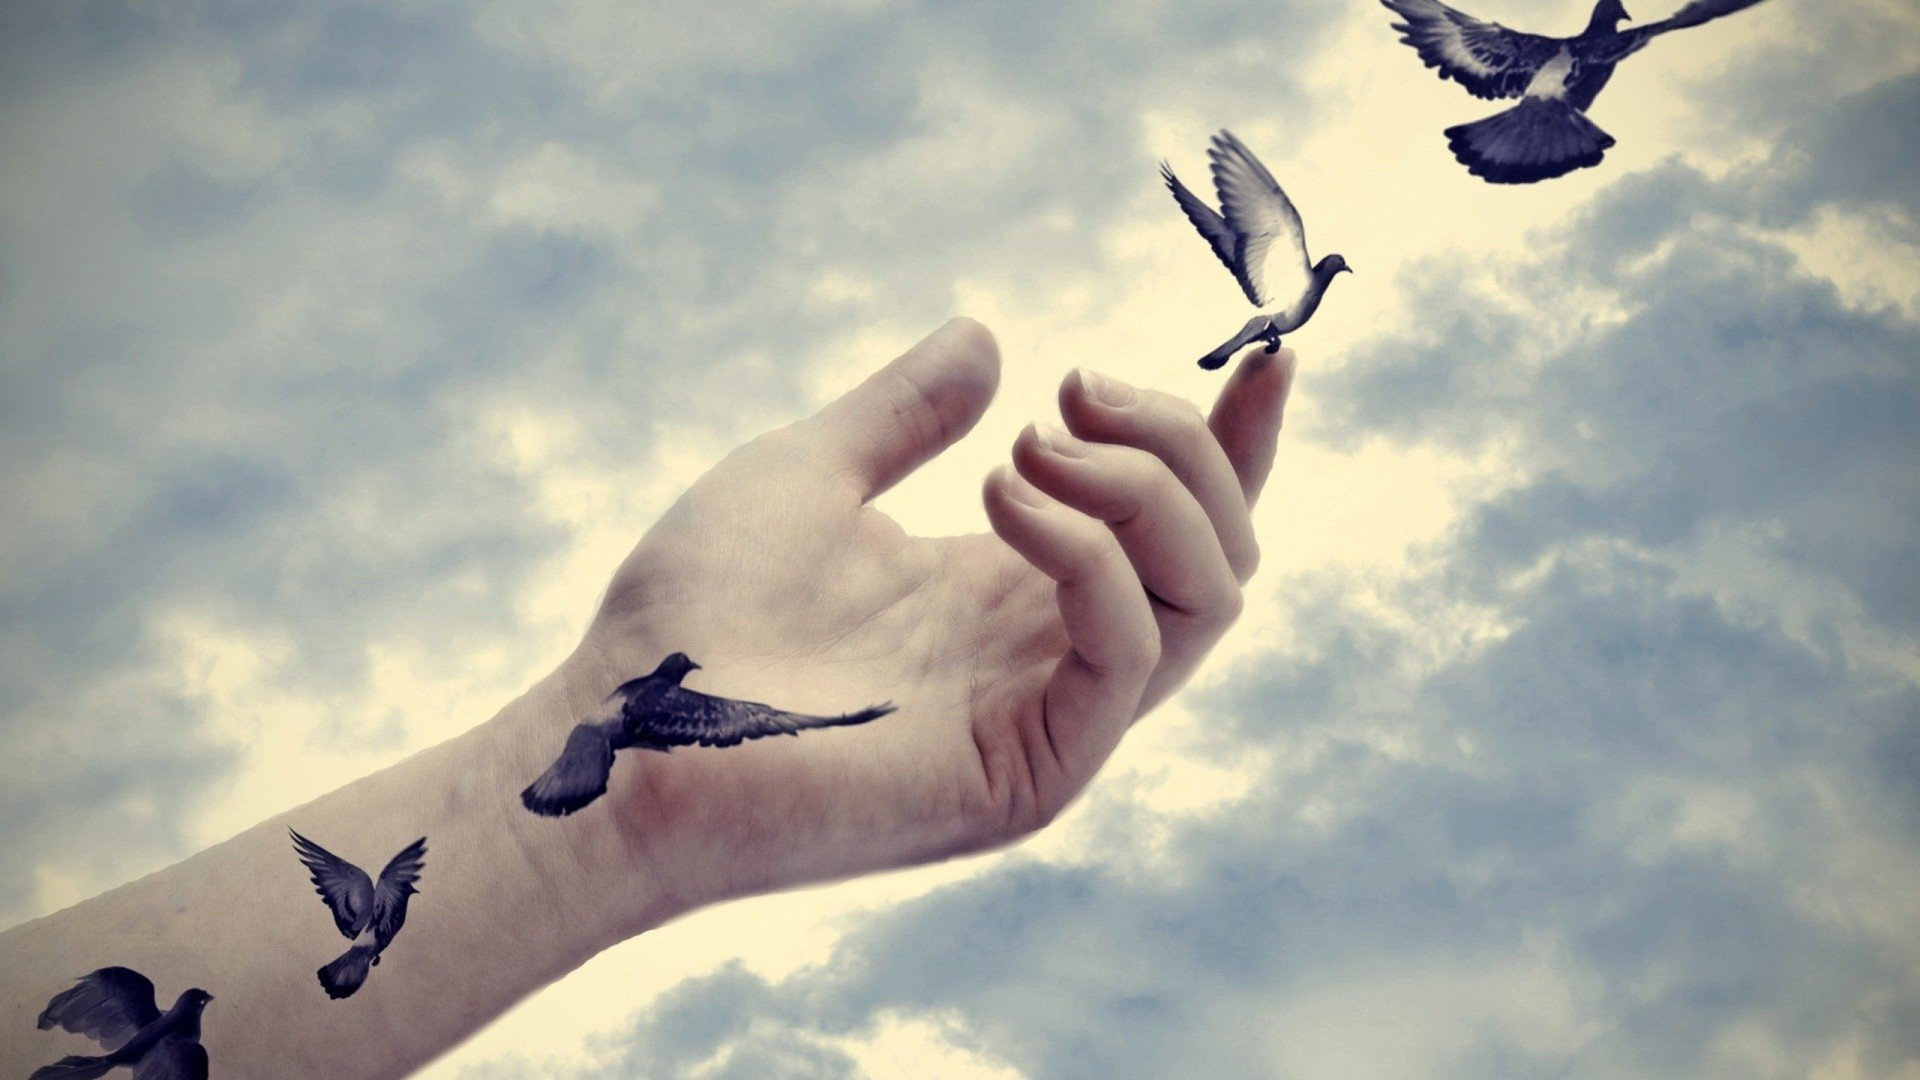 Картинки по запросу birds flying from hand